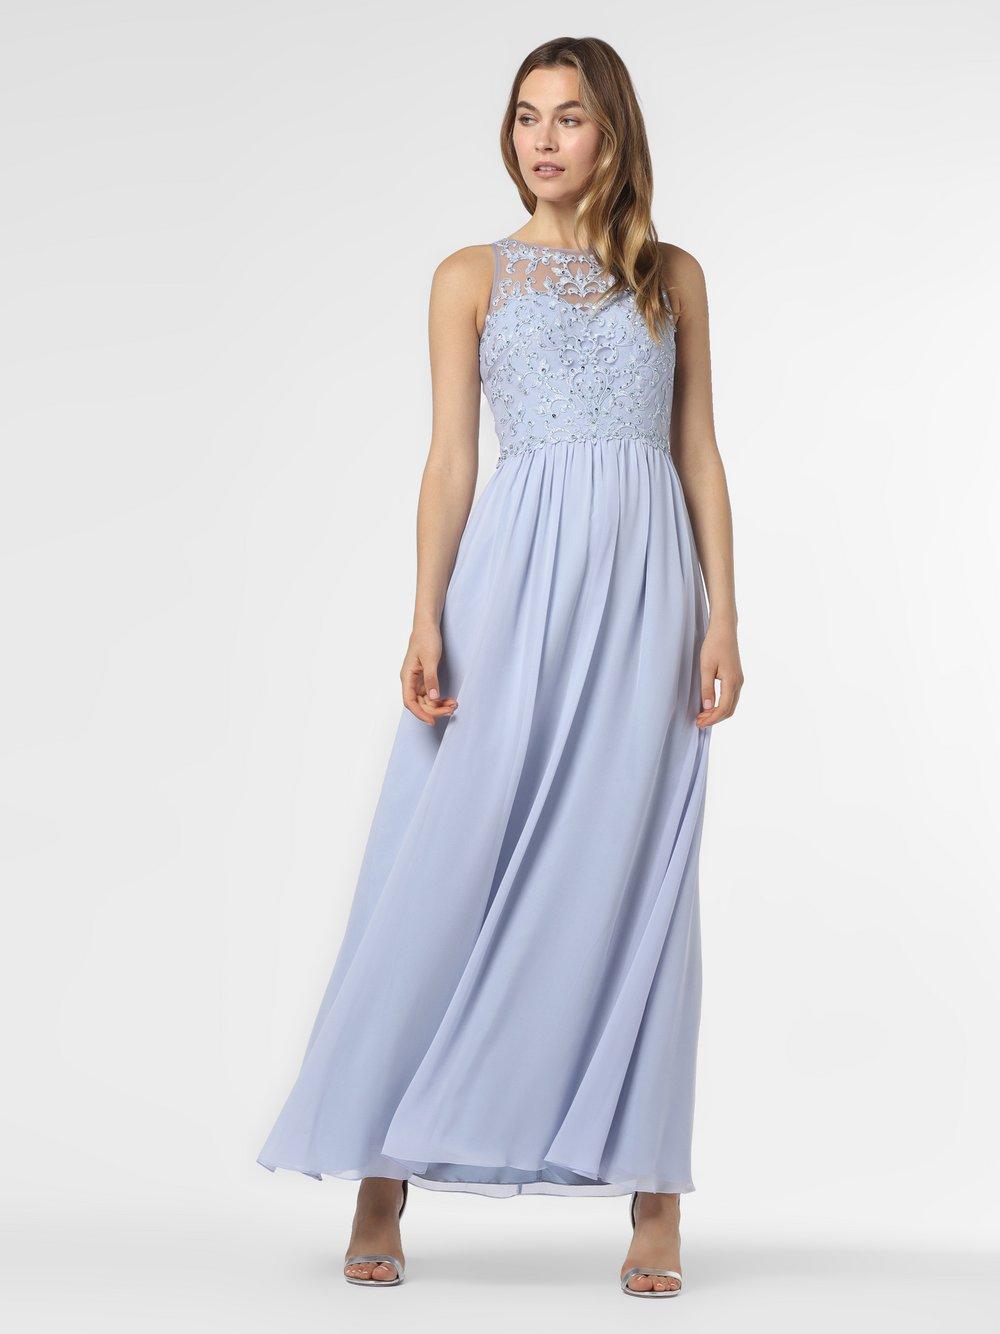 Laona – Damska sukienka wieczorowa, niebieski Van Graaf 484034-0002-00360